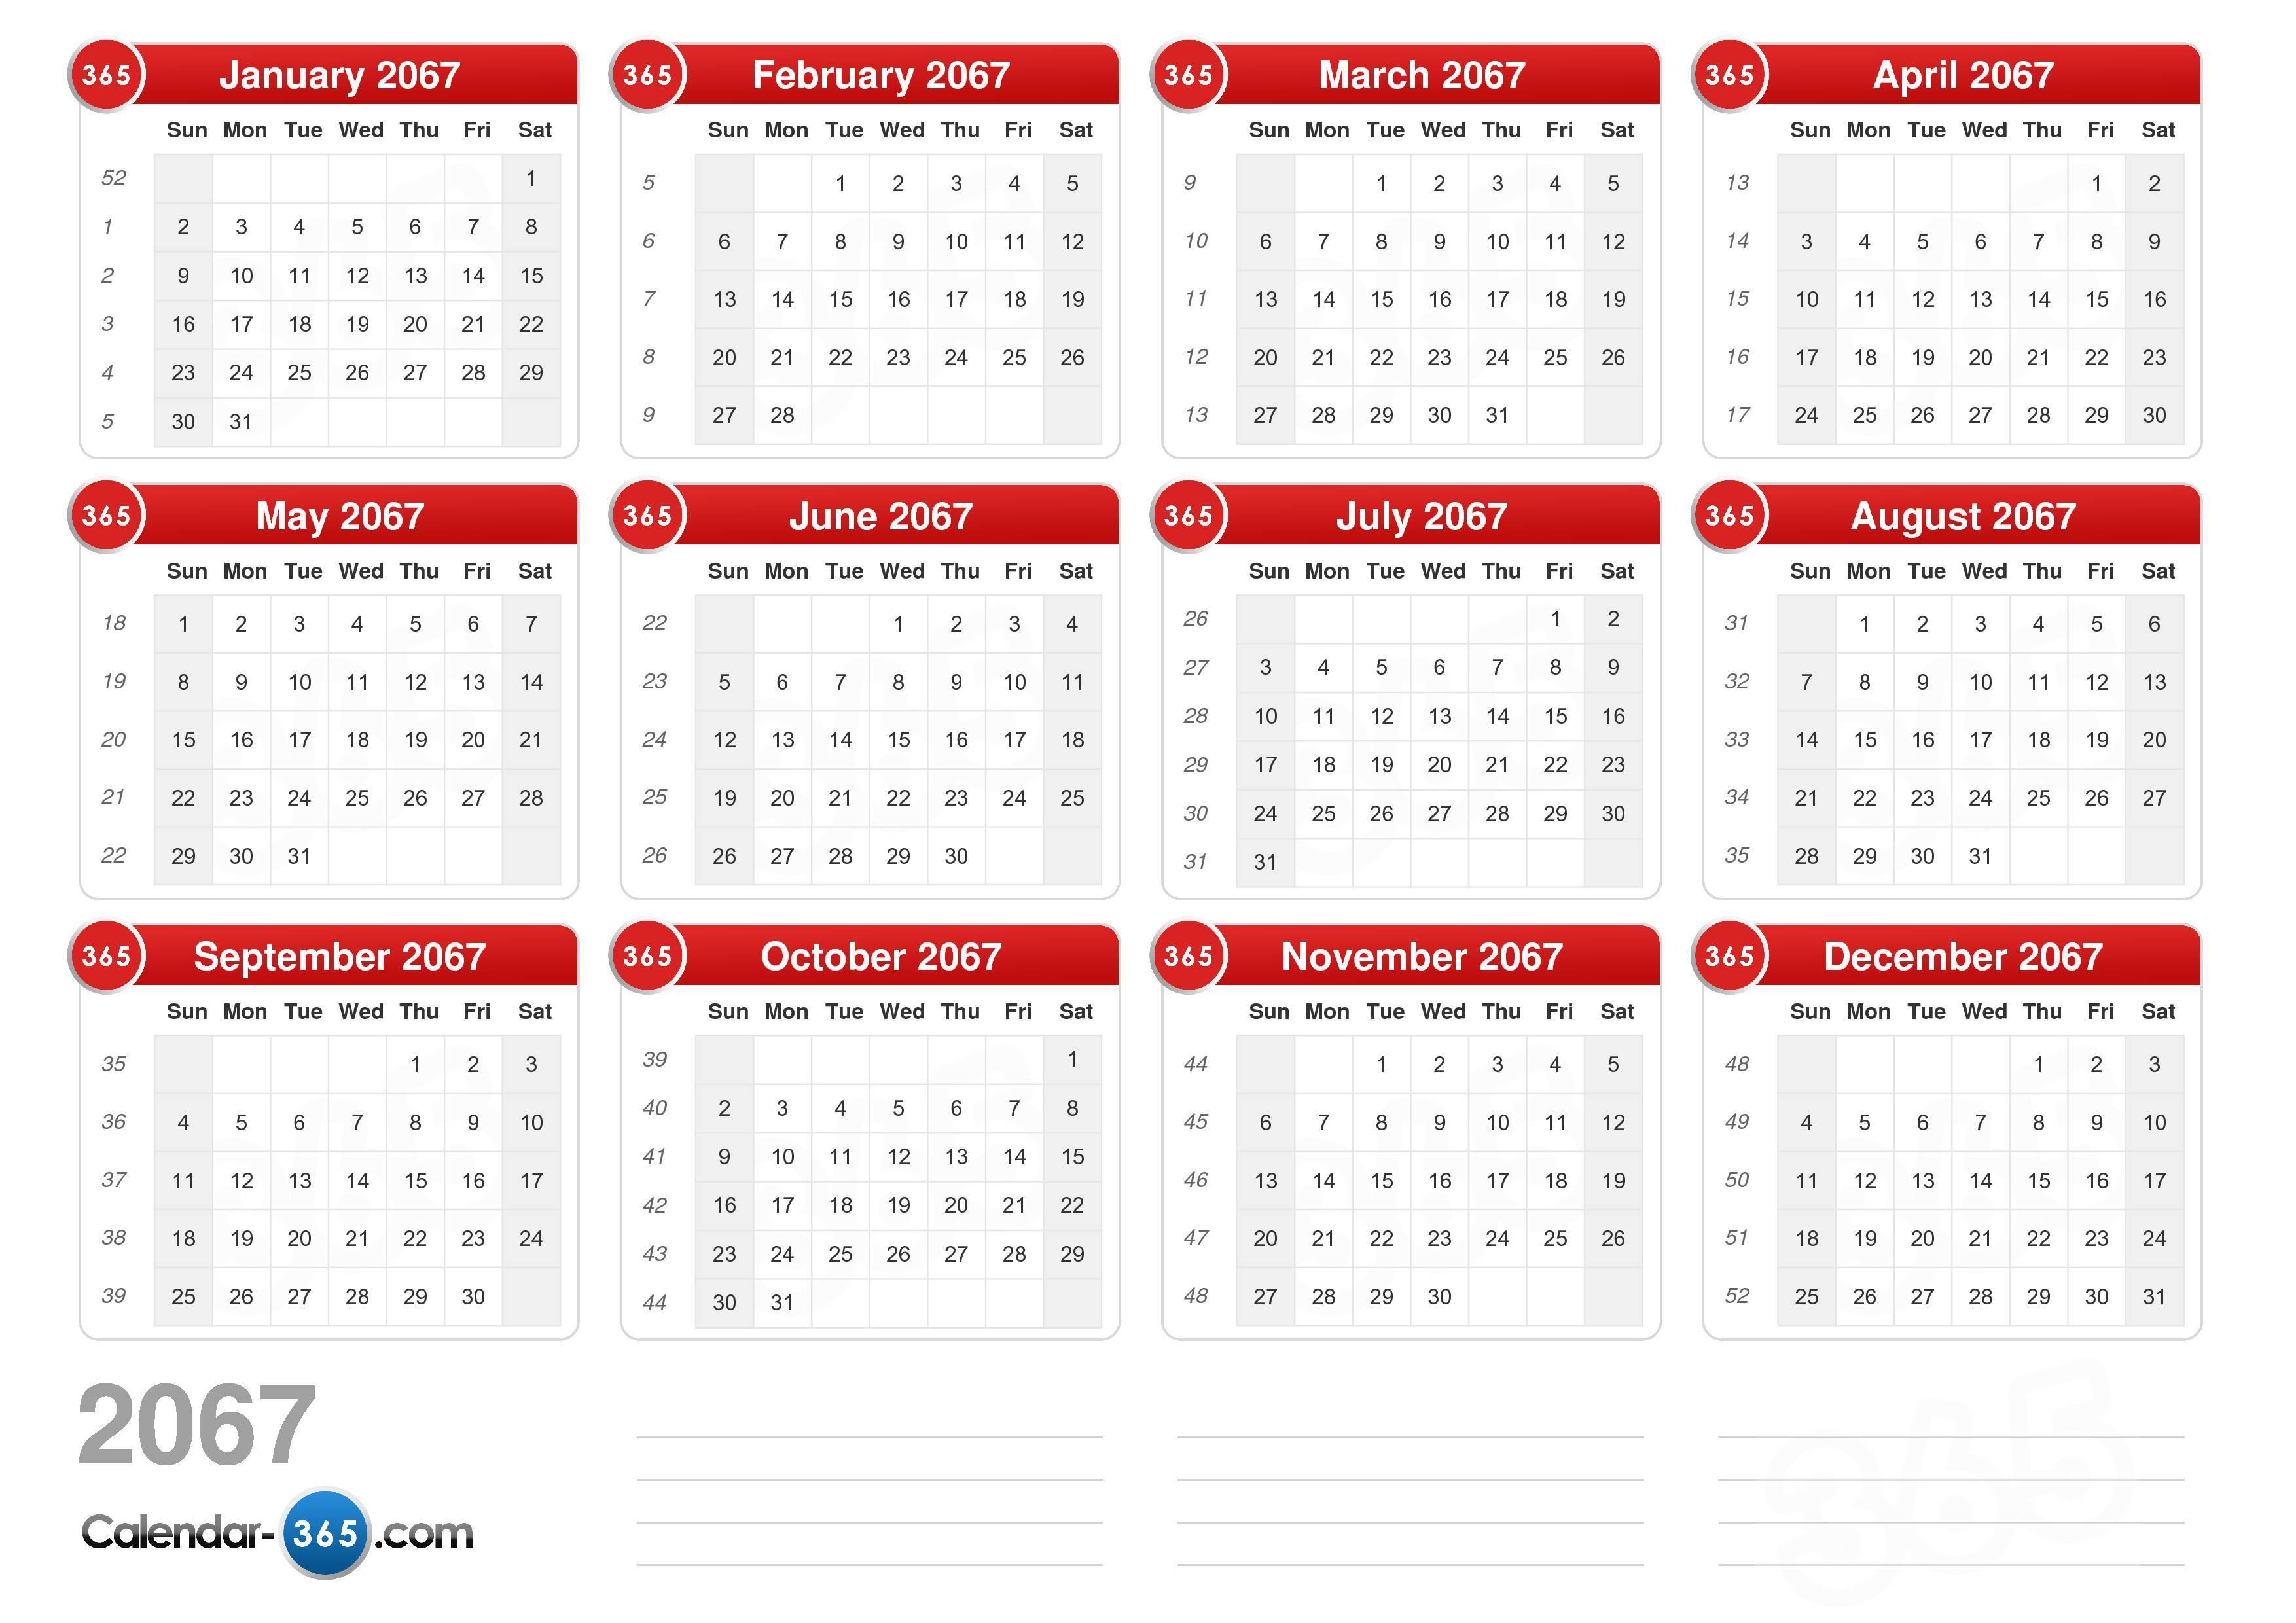 2067 Calendar (v2)